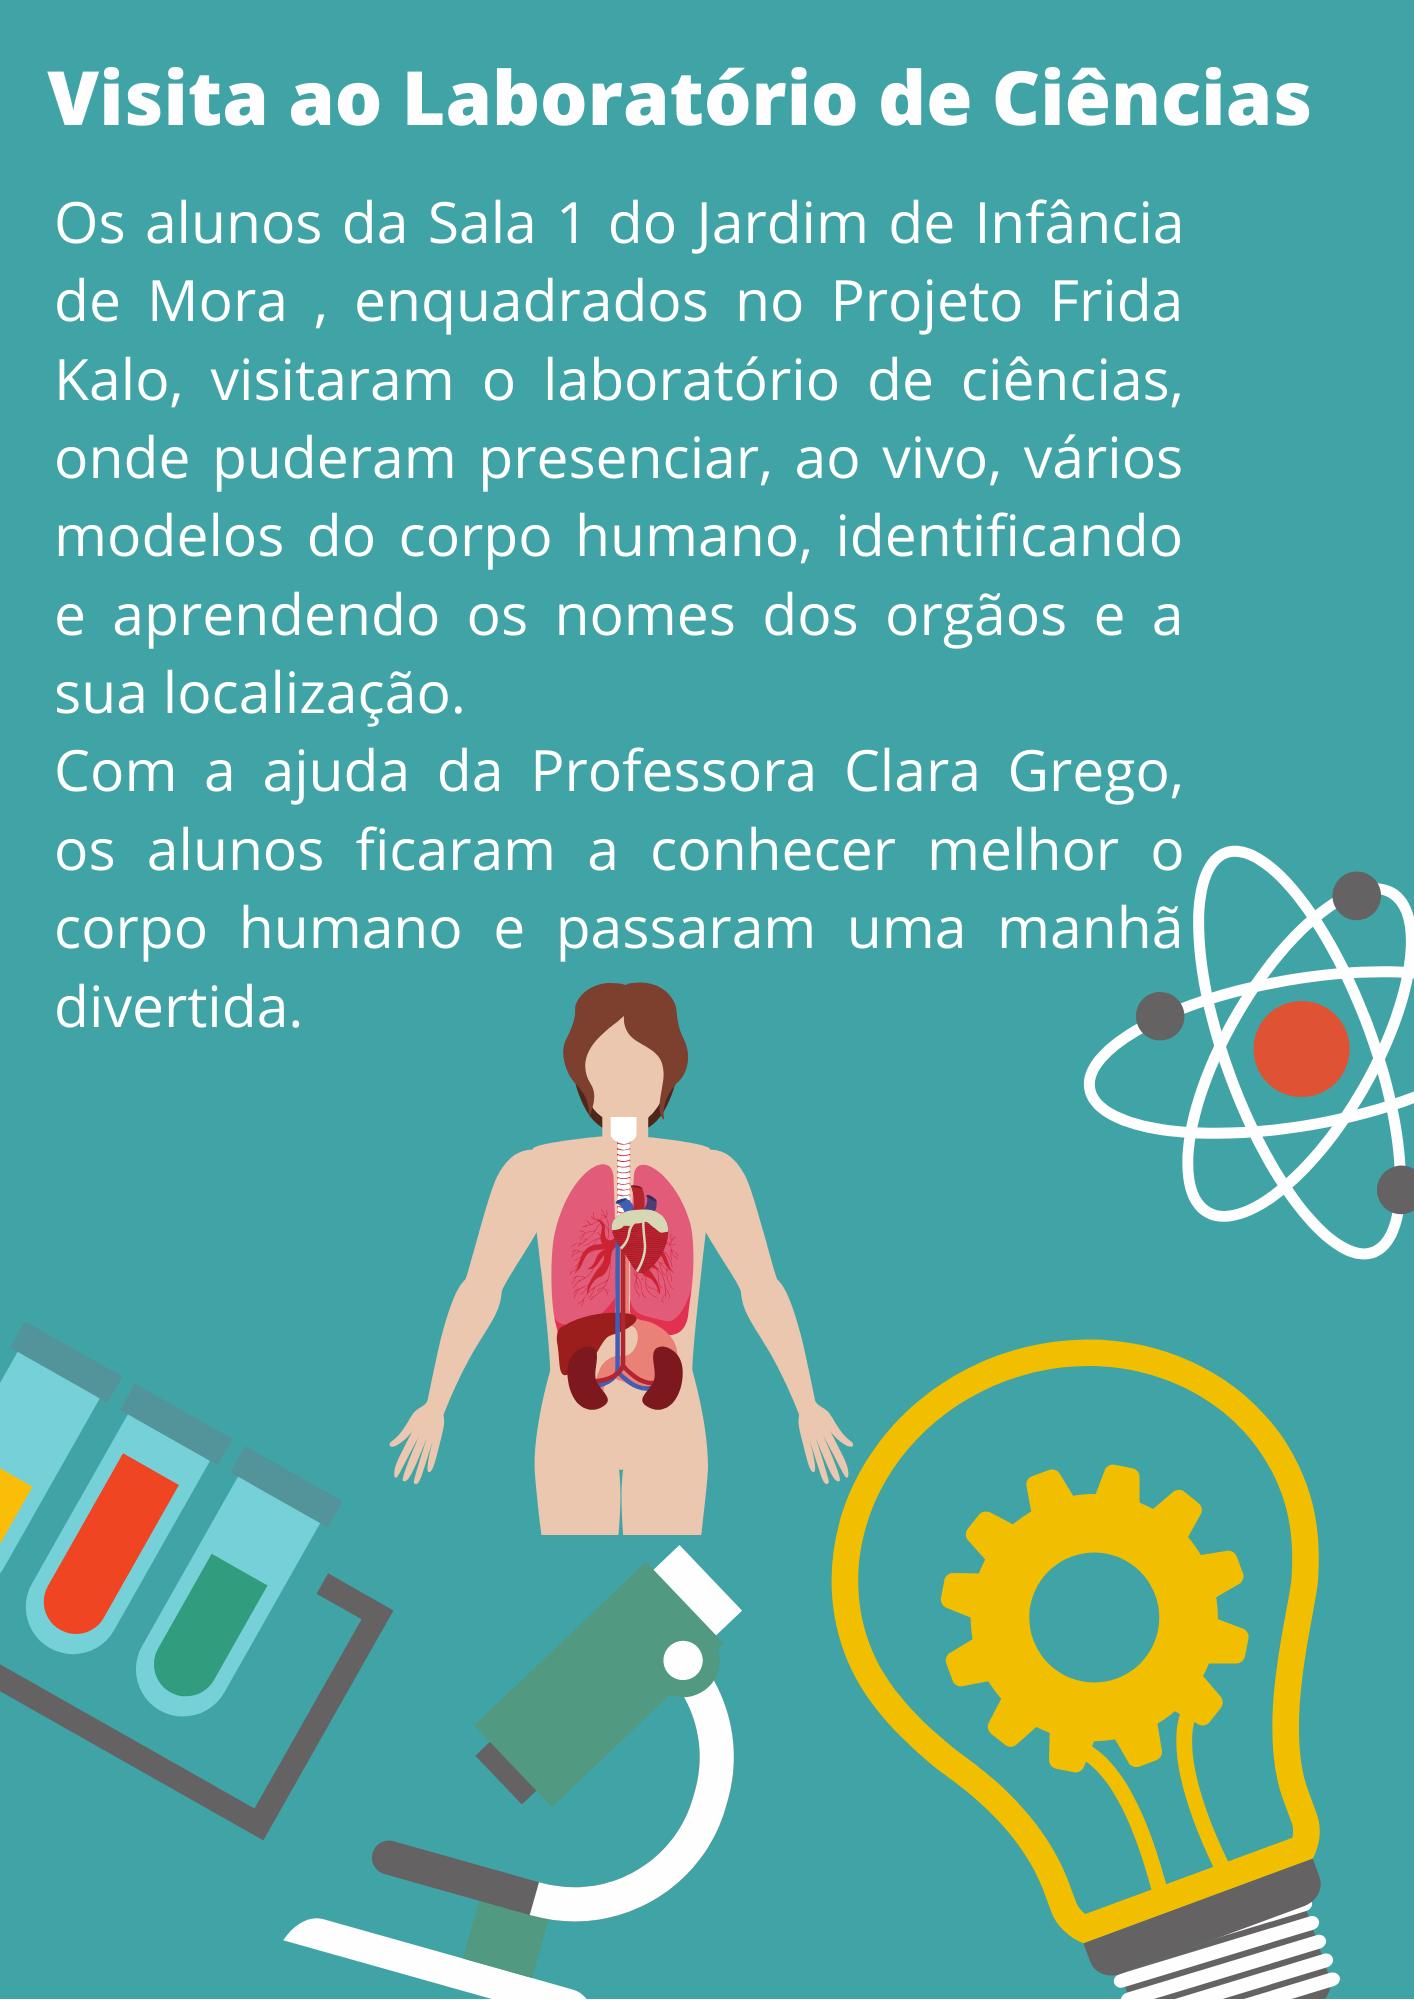 .: Visita ao Laboratório de Ciências :.